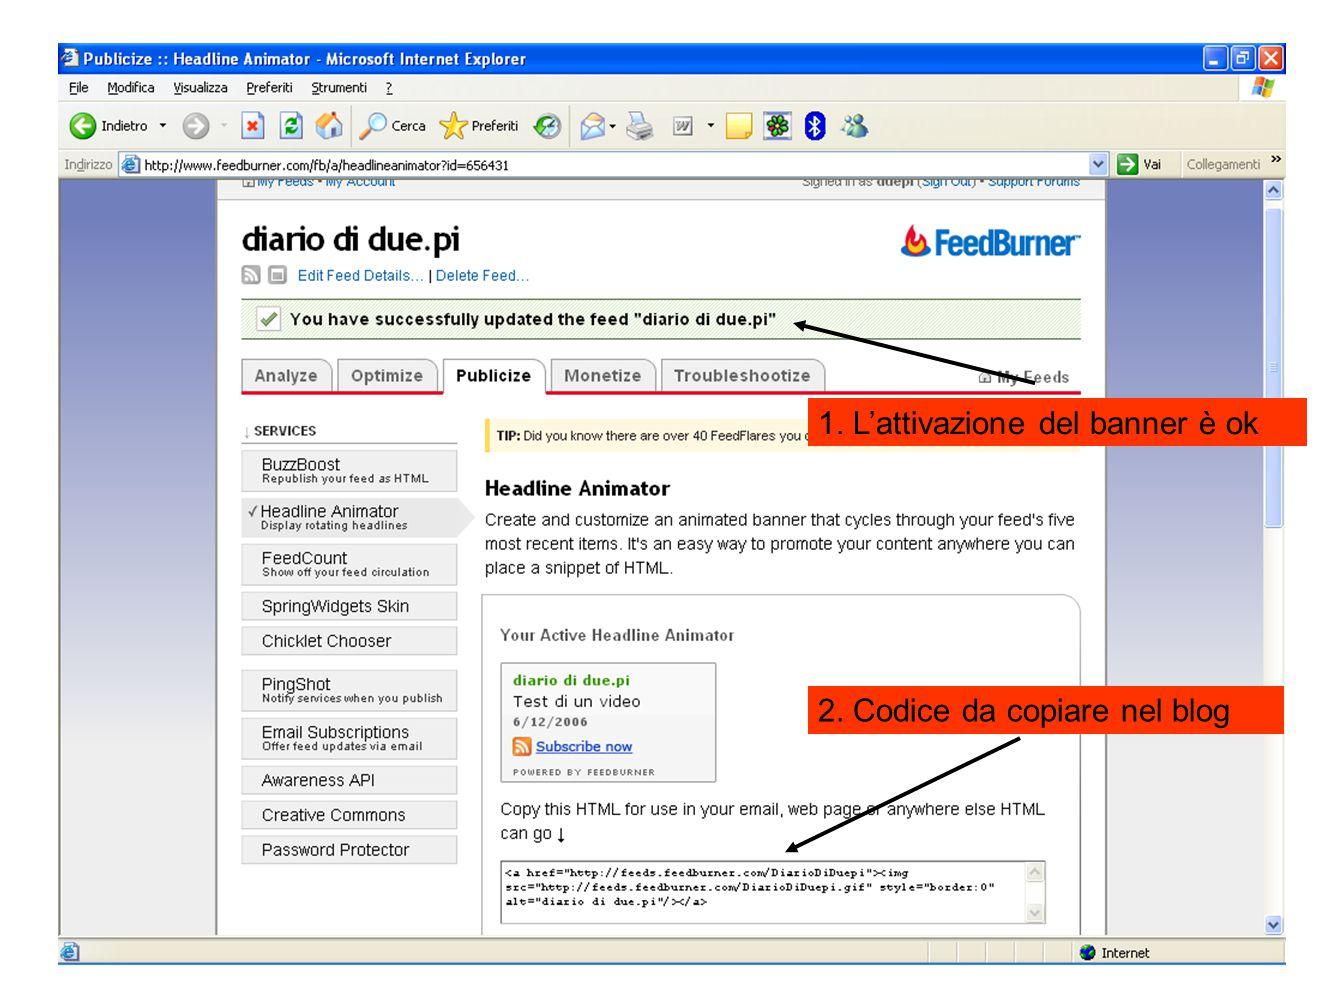 1. L'attivazione del banner è ok 2. Codice da copiare nel blog